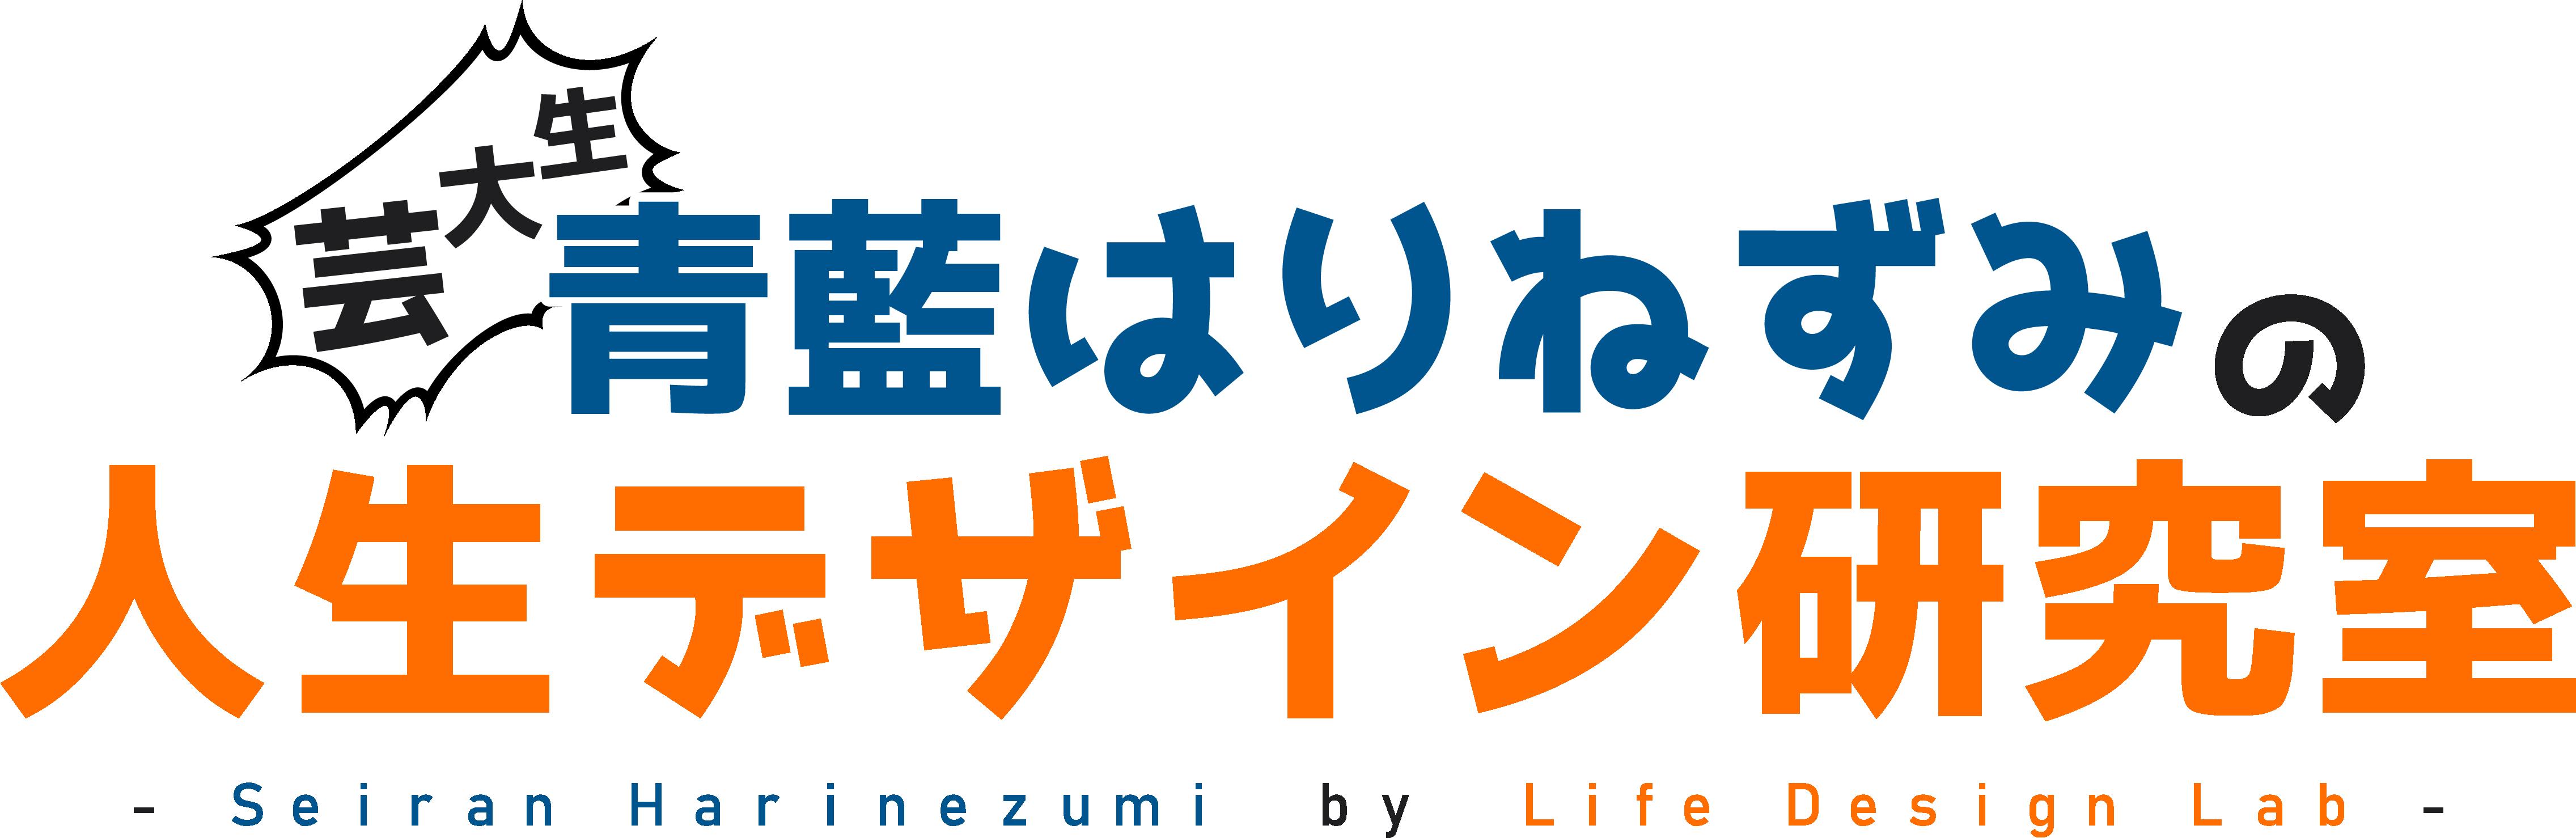 【芸大生】青藍はりねずみの人生デザイン研究室